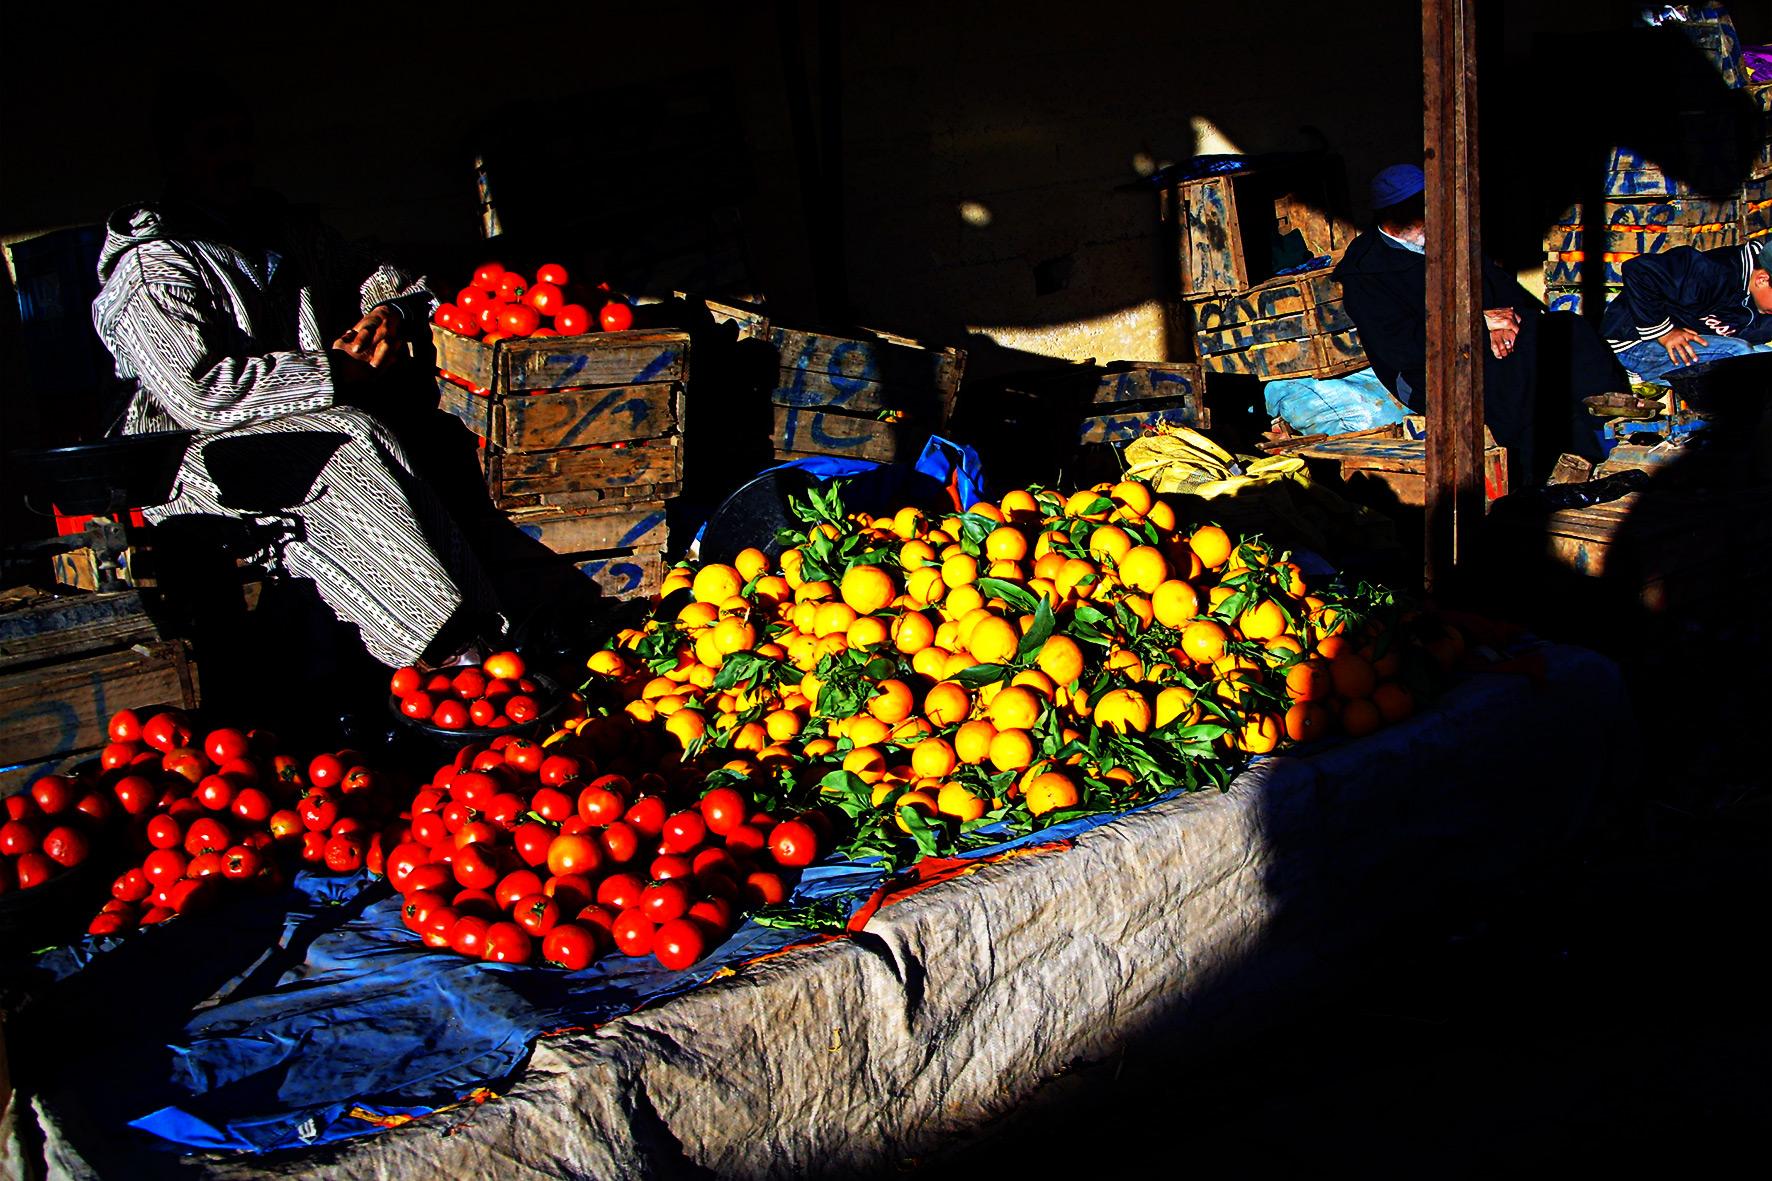 #Afrique 6. Maroc, Meknès. 2008